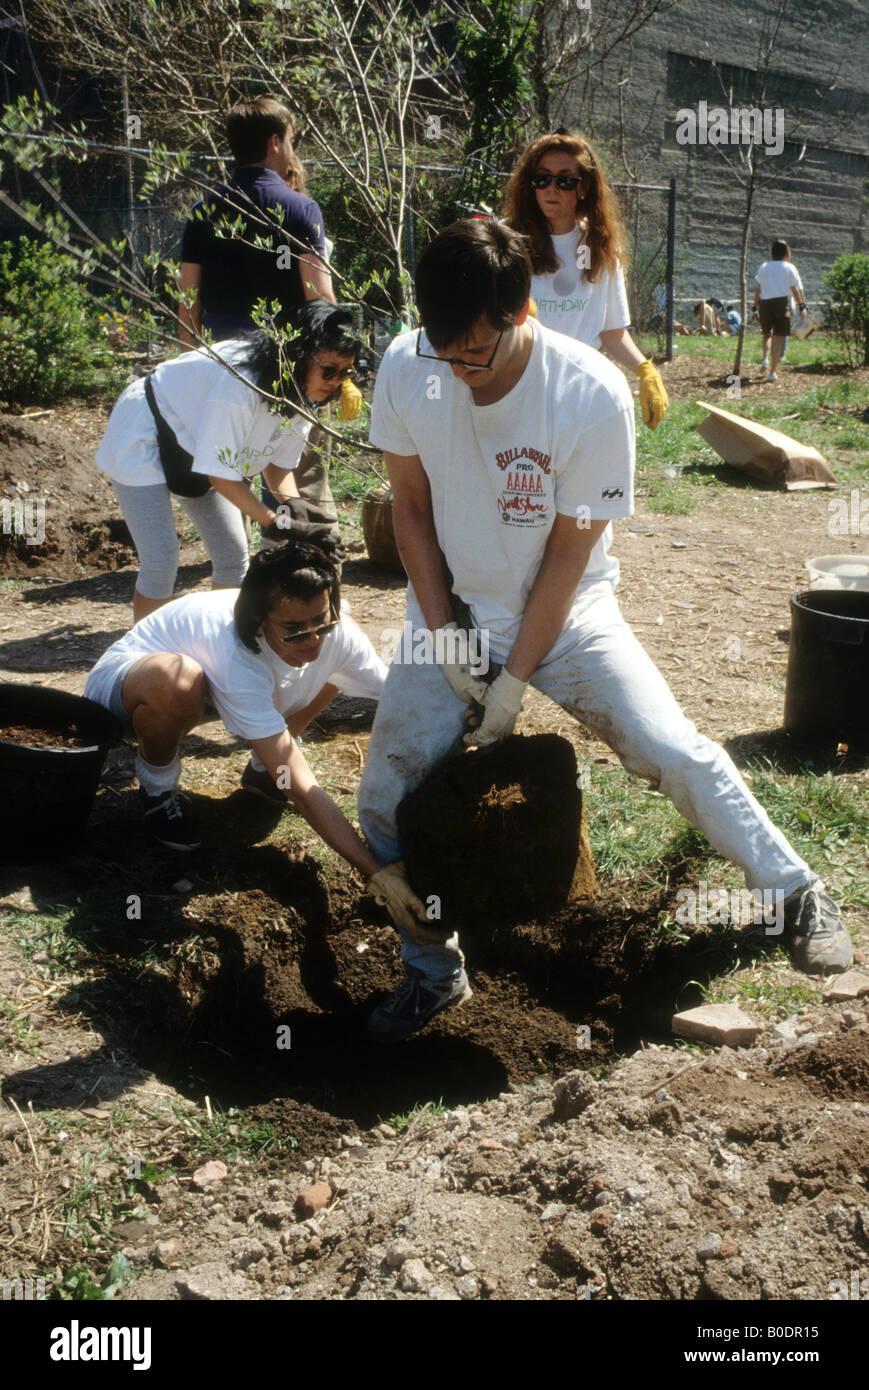 Los voluntarios plantan árboles en el día de la Tierra en un futuro jardín comunitario en Nueva York Imagen De Stock